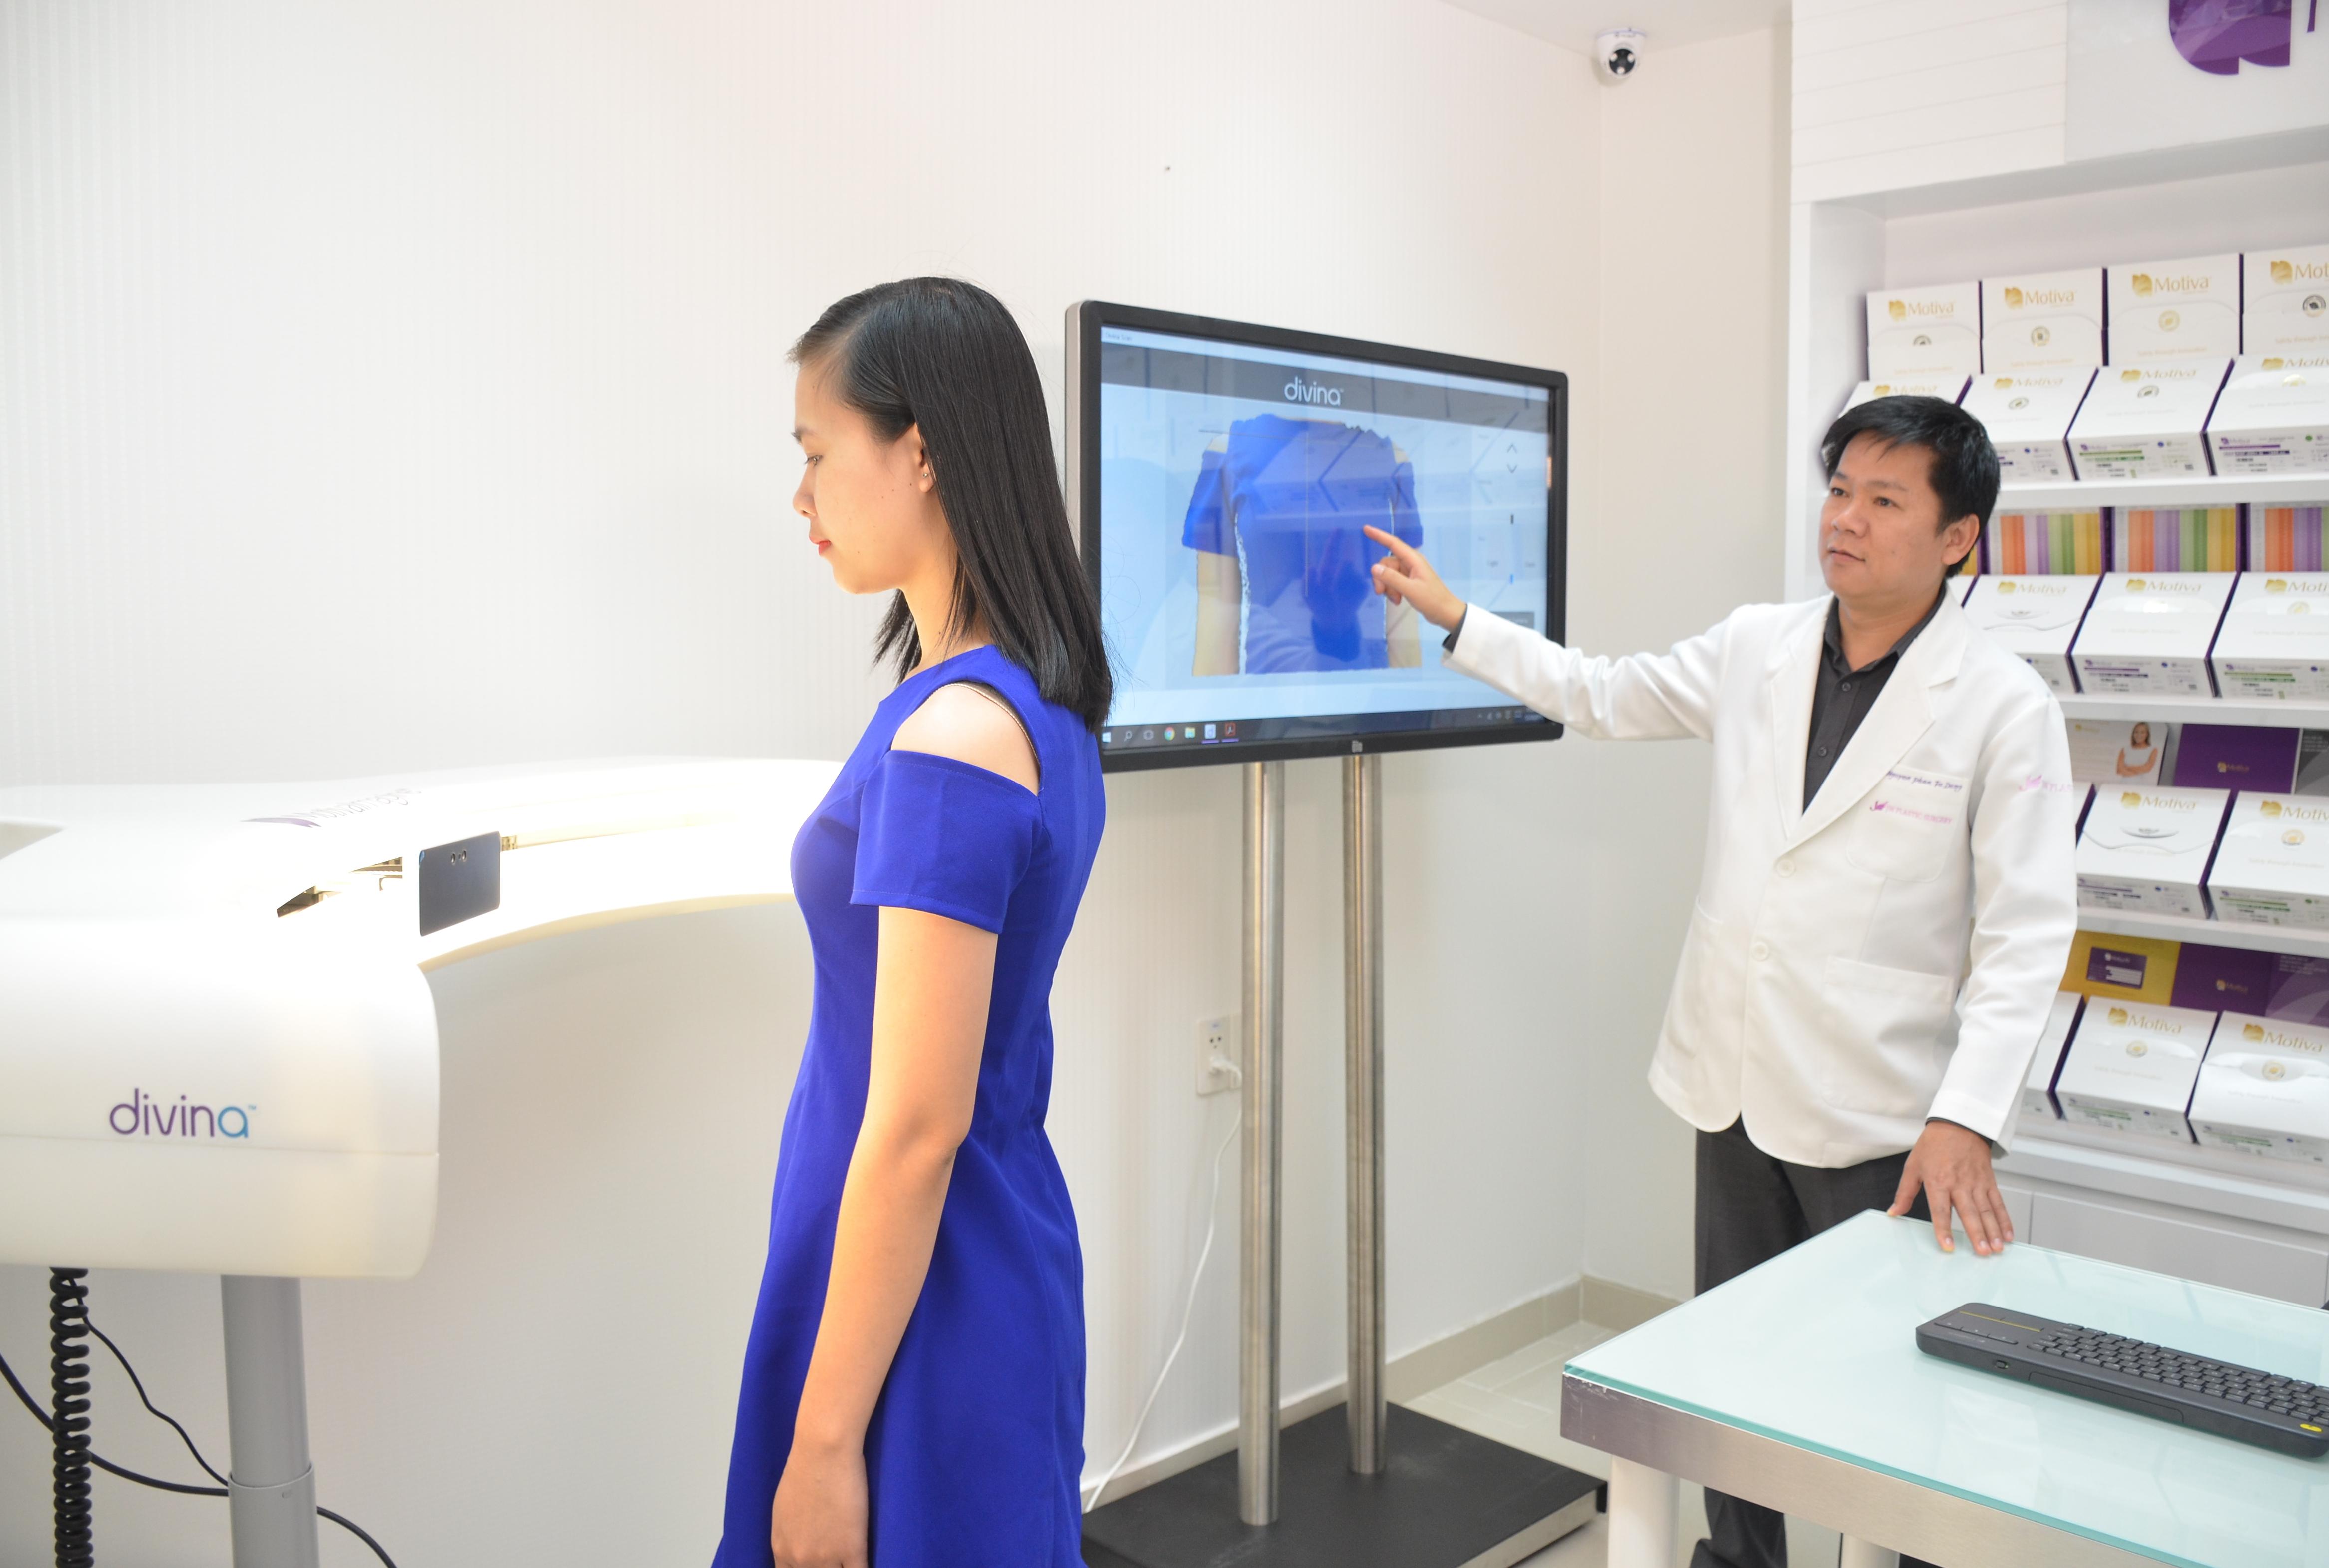 Máy 3D Divina phân tích kết quả dựa trên cân nặng, chiều cao, kích thước ngực… của khách hàng nên chính xác đến 90%.